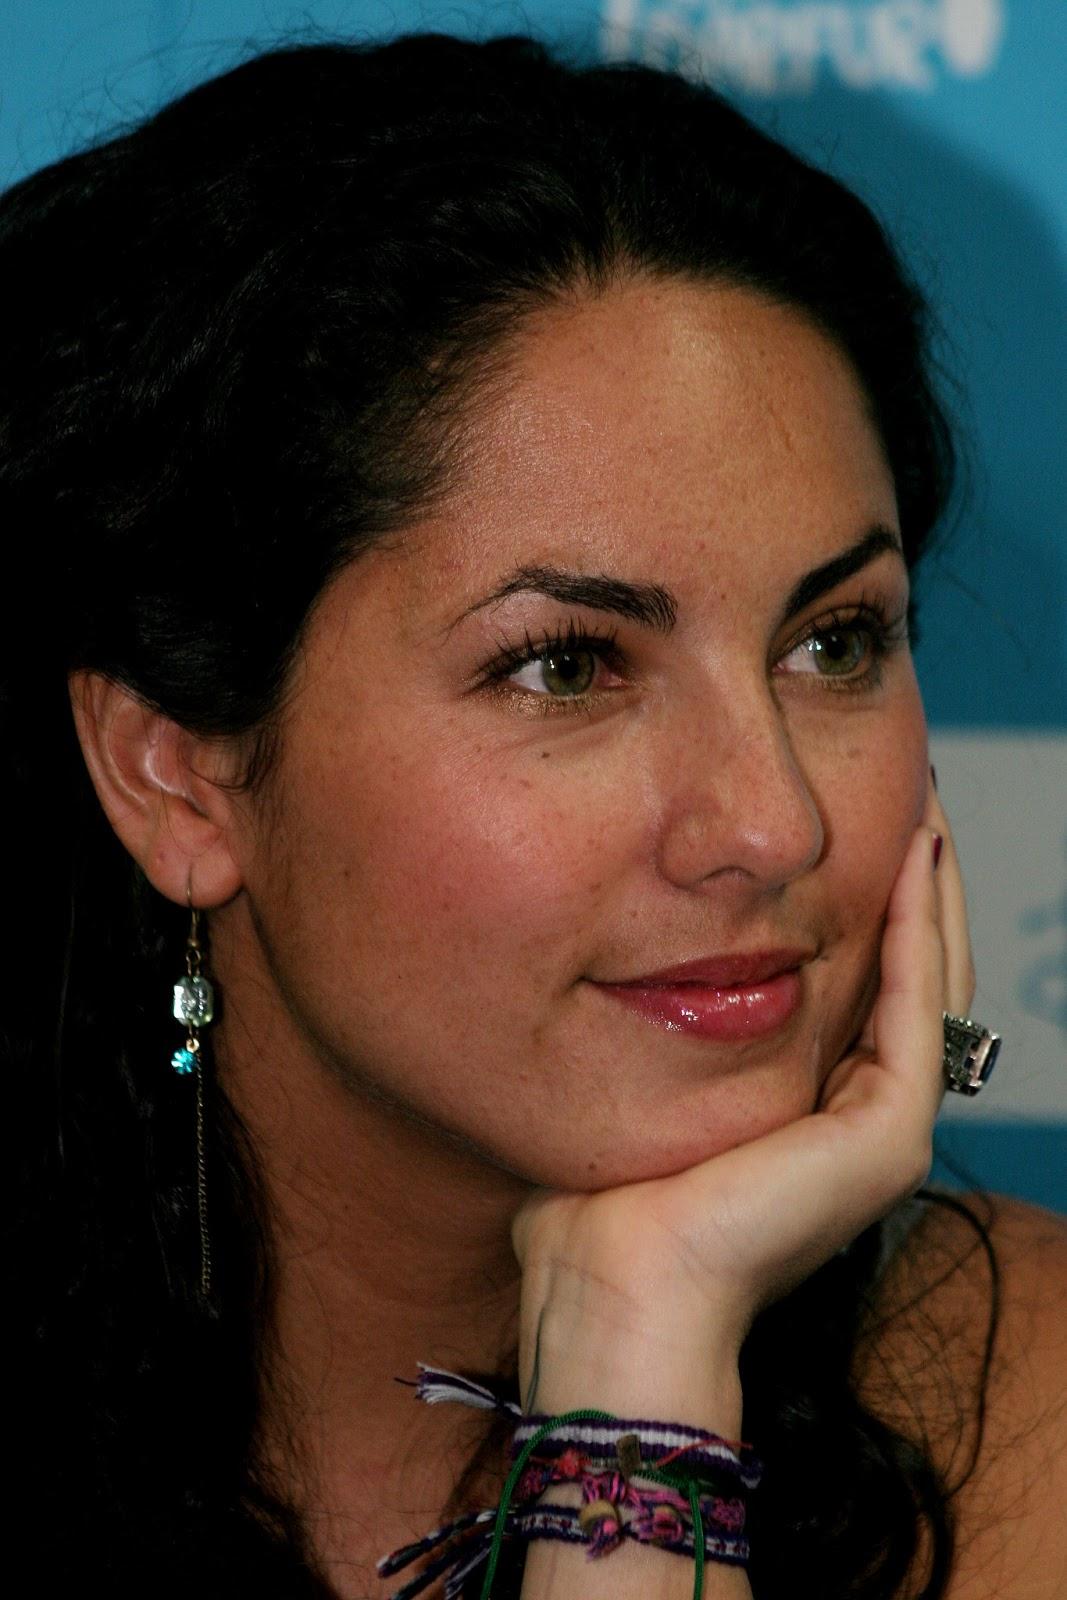 ... estamos com saudades de ver a eterna Rubi novamente em uma telenovela